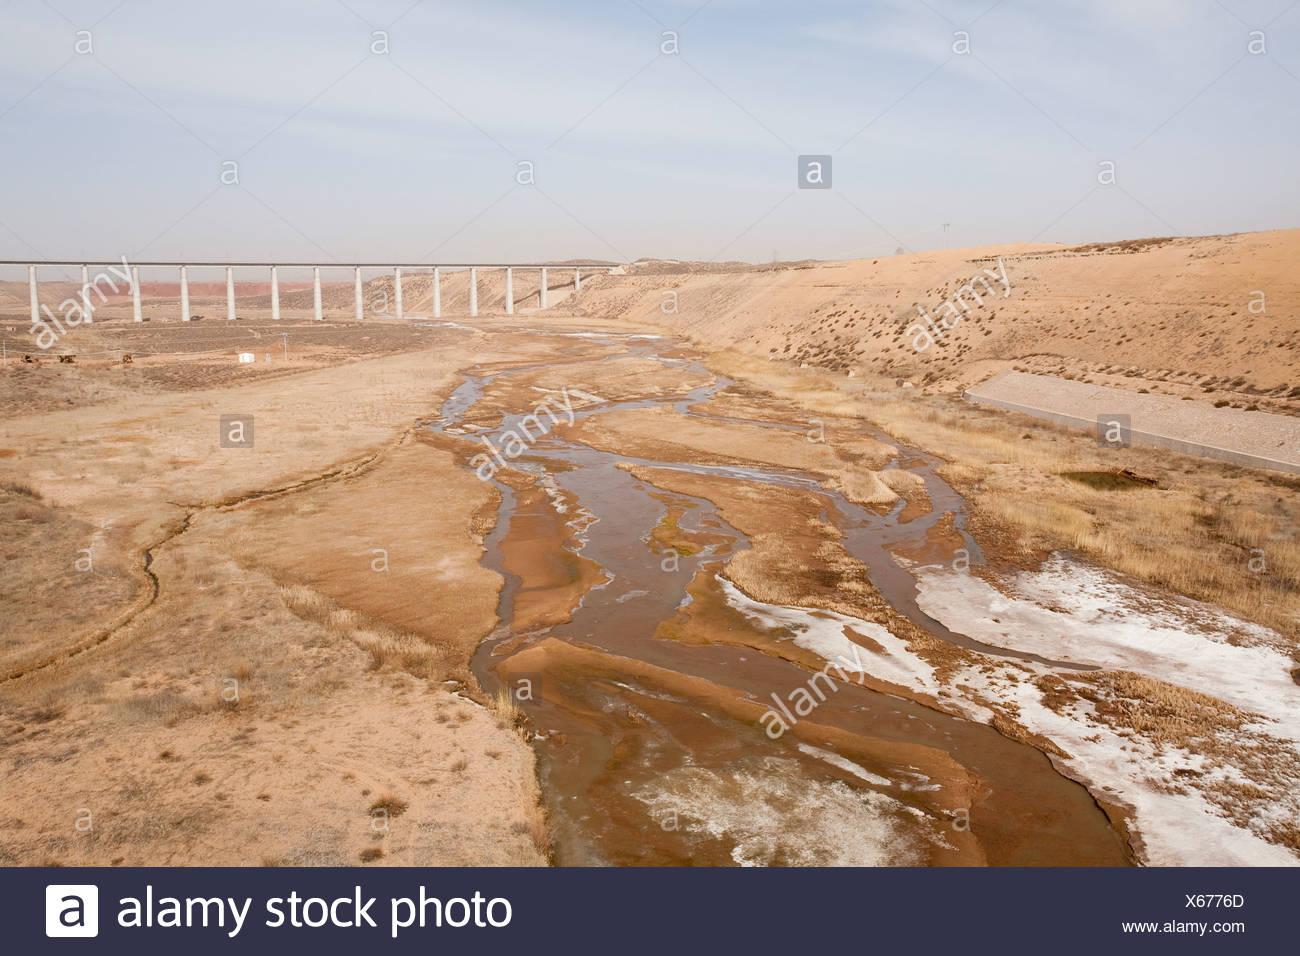 Los bajos niveles de agua en la provincia de Shanxi china causados por el cambio climático Imagen De Stock